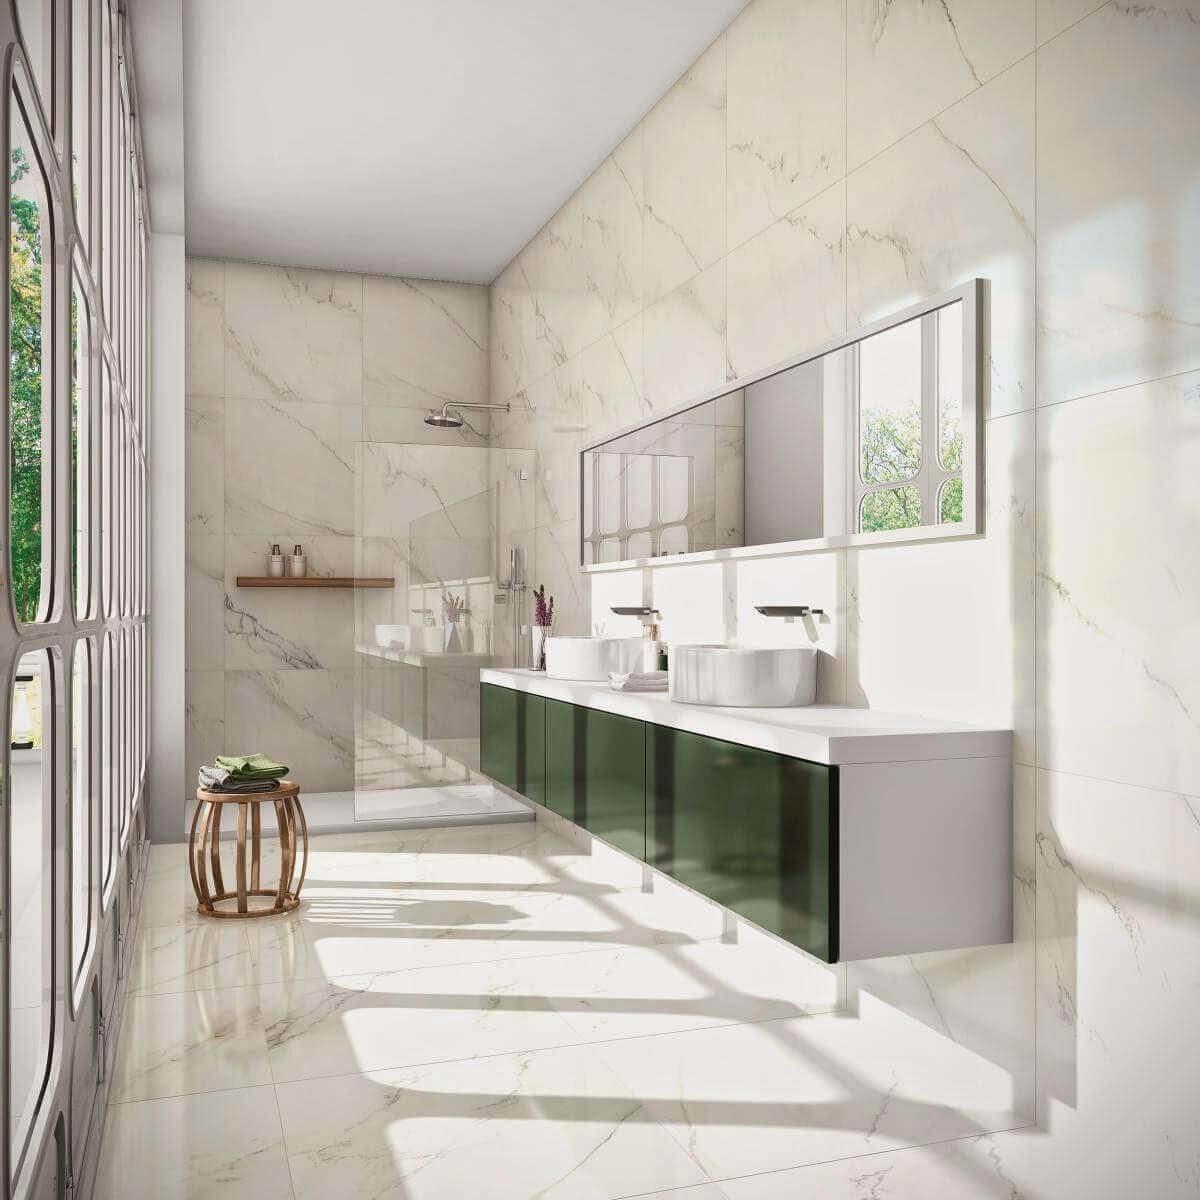 Banheiro com cores de porcelanato marmorizado e armário verde